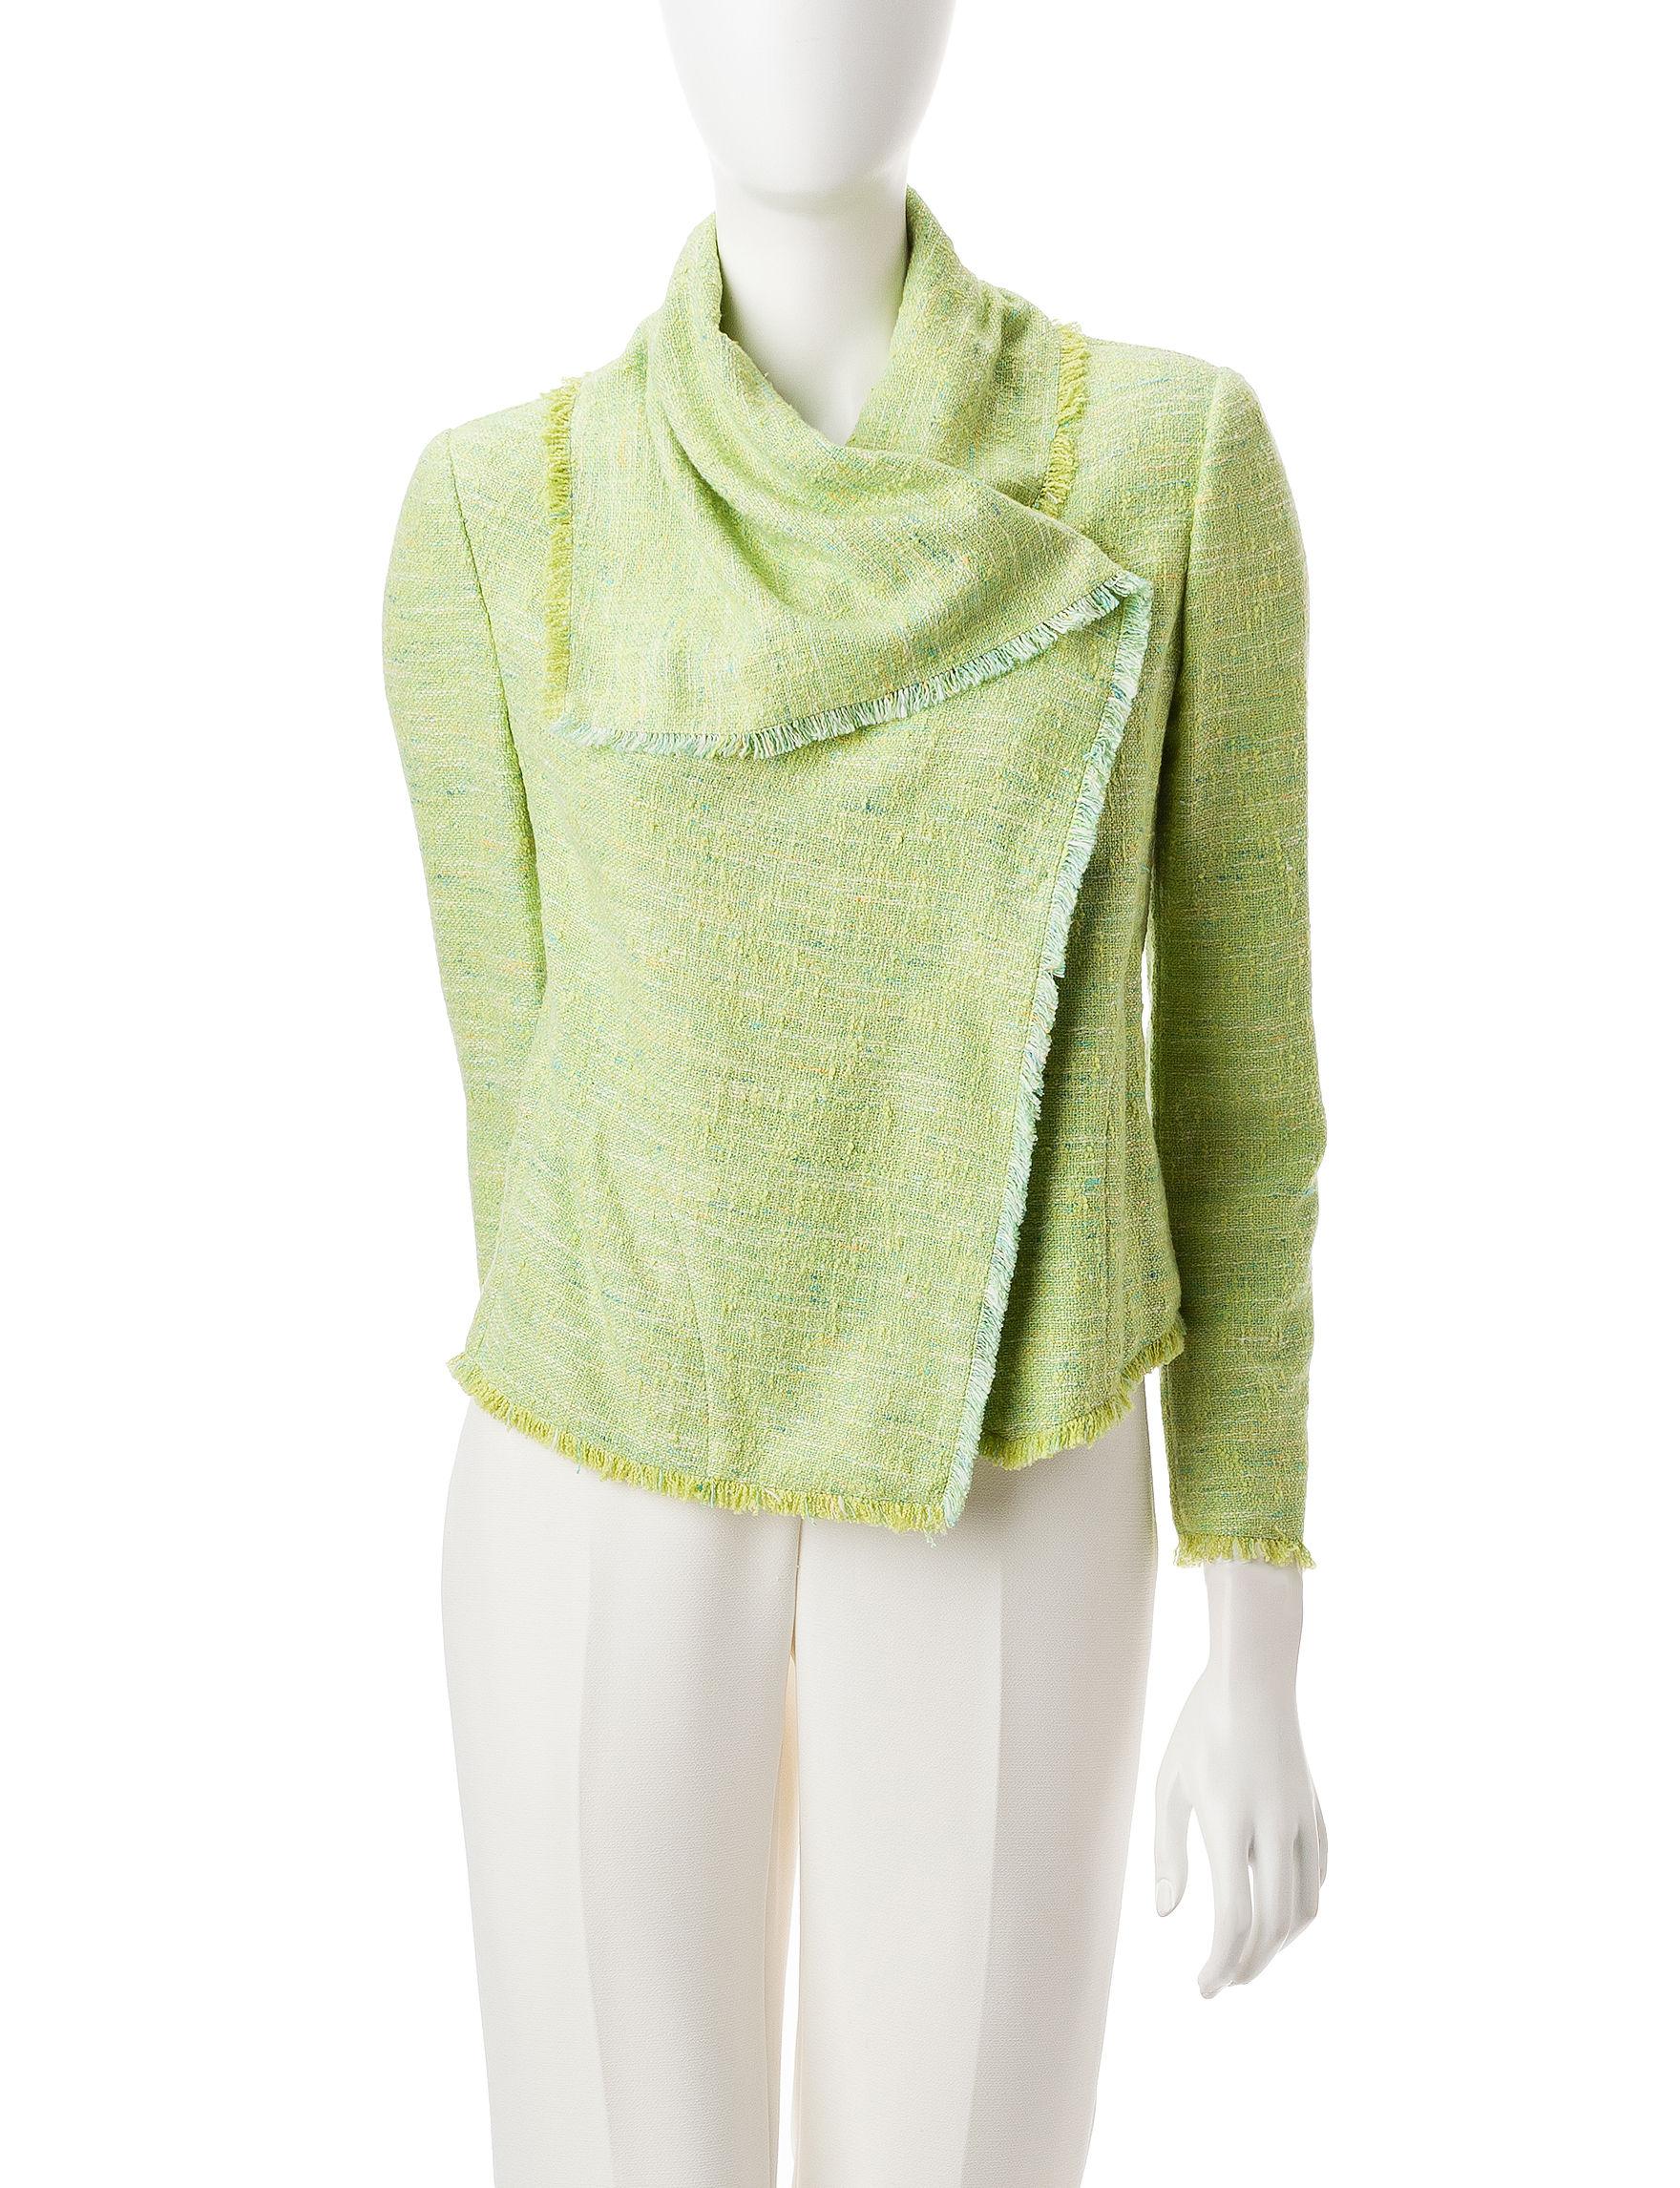 Anne Klein Green Lightweight Jackets & Blazers